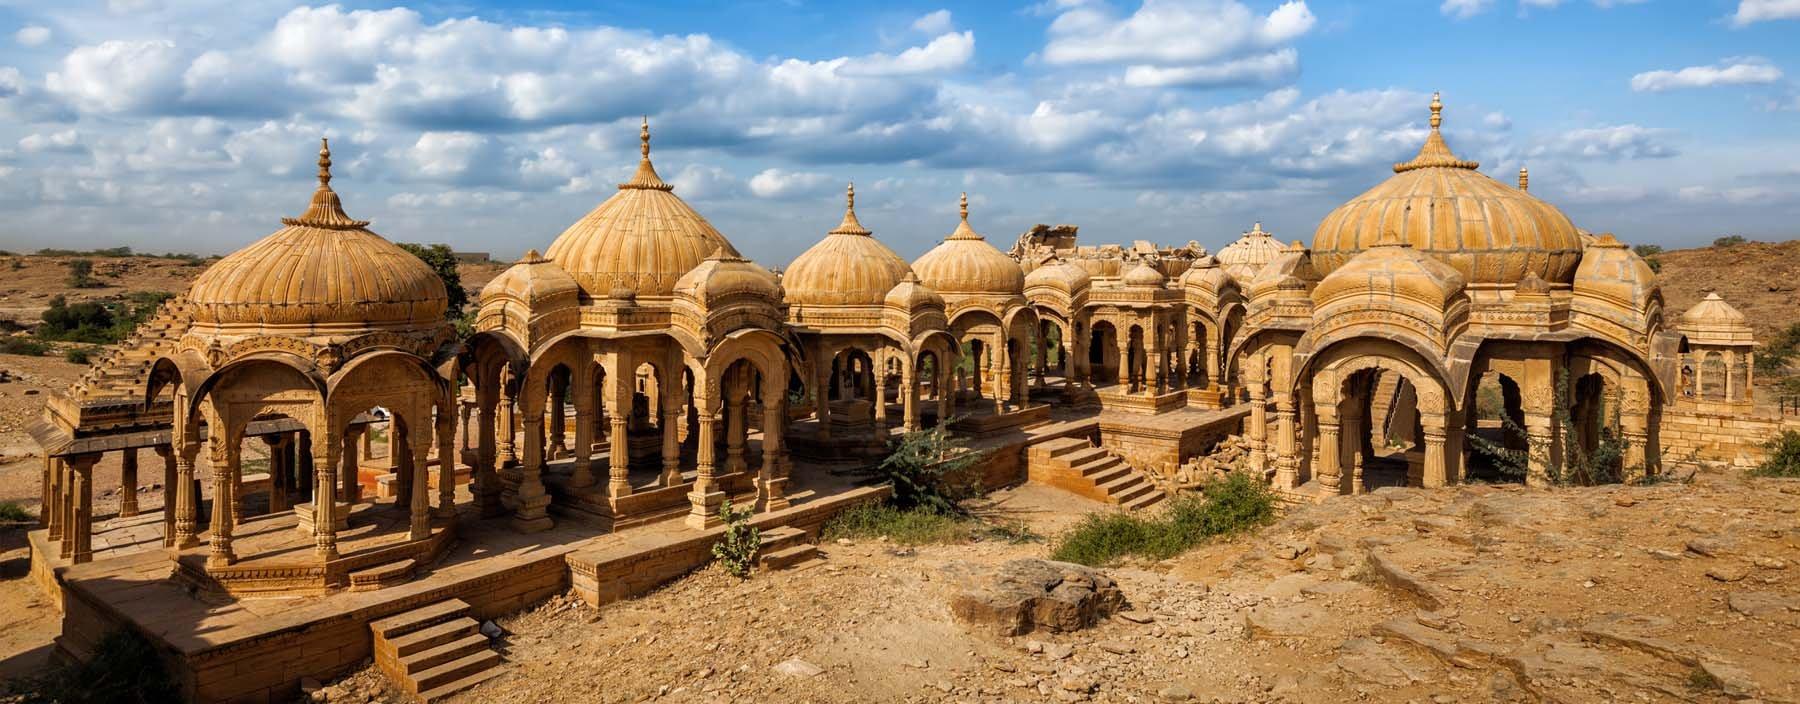 in, jaisalmer, bada bagh cenotaphs.jpg